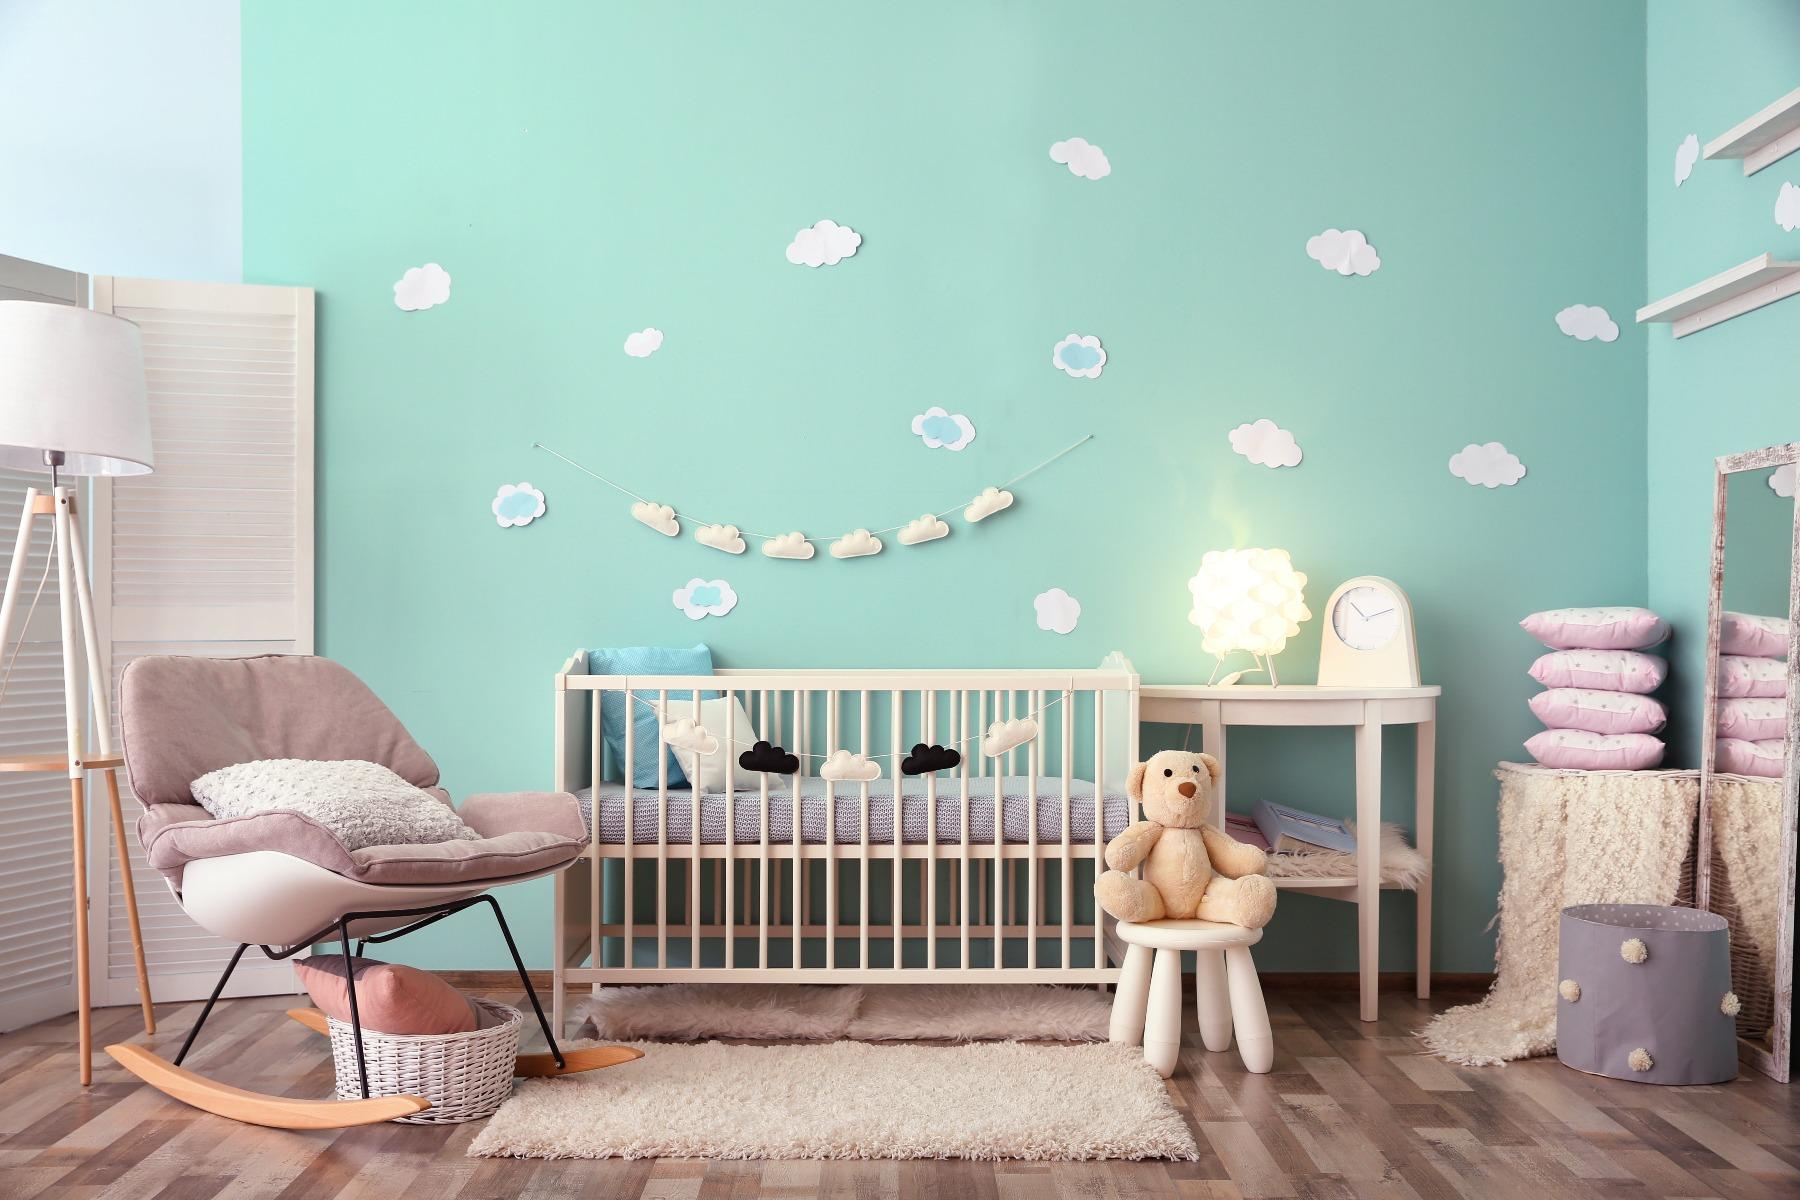 Das Bild zeigt ein Babyzimmer.